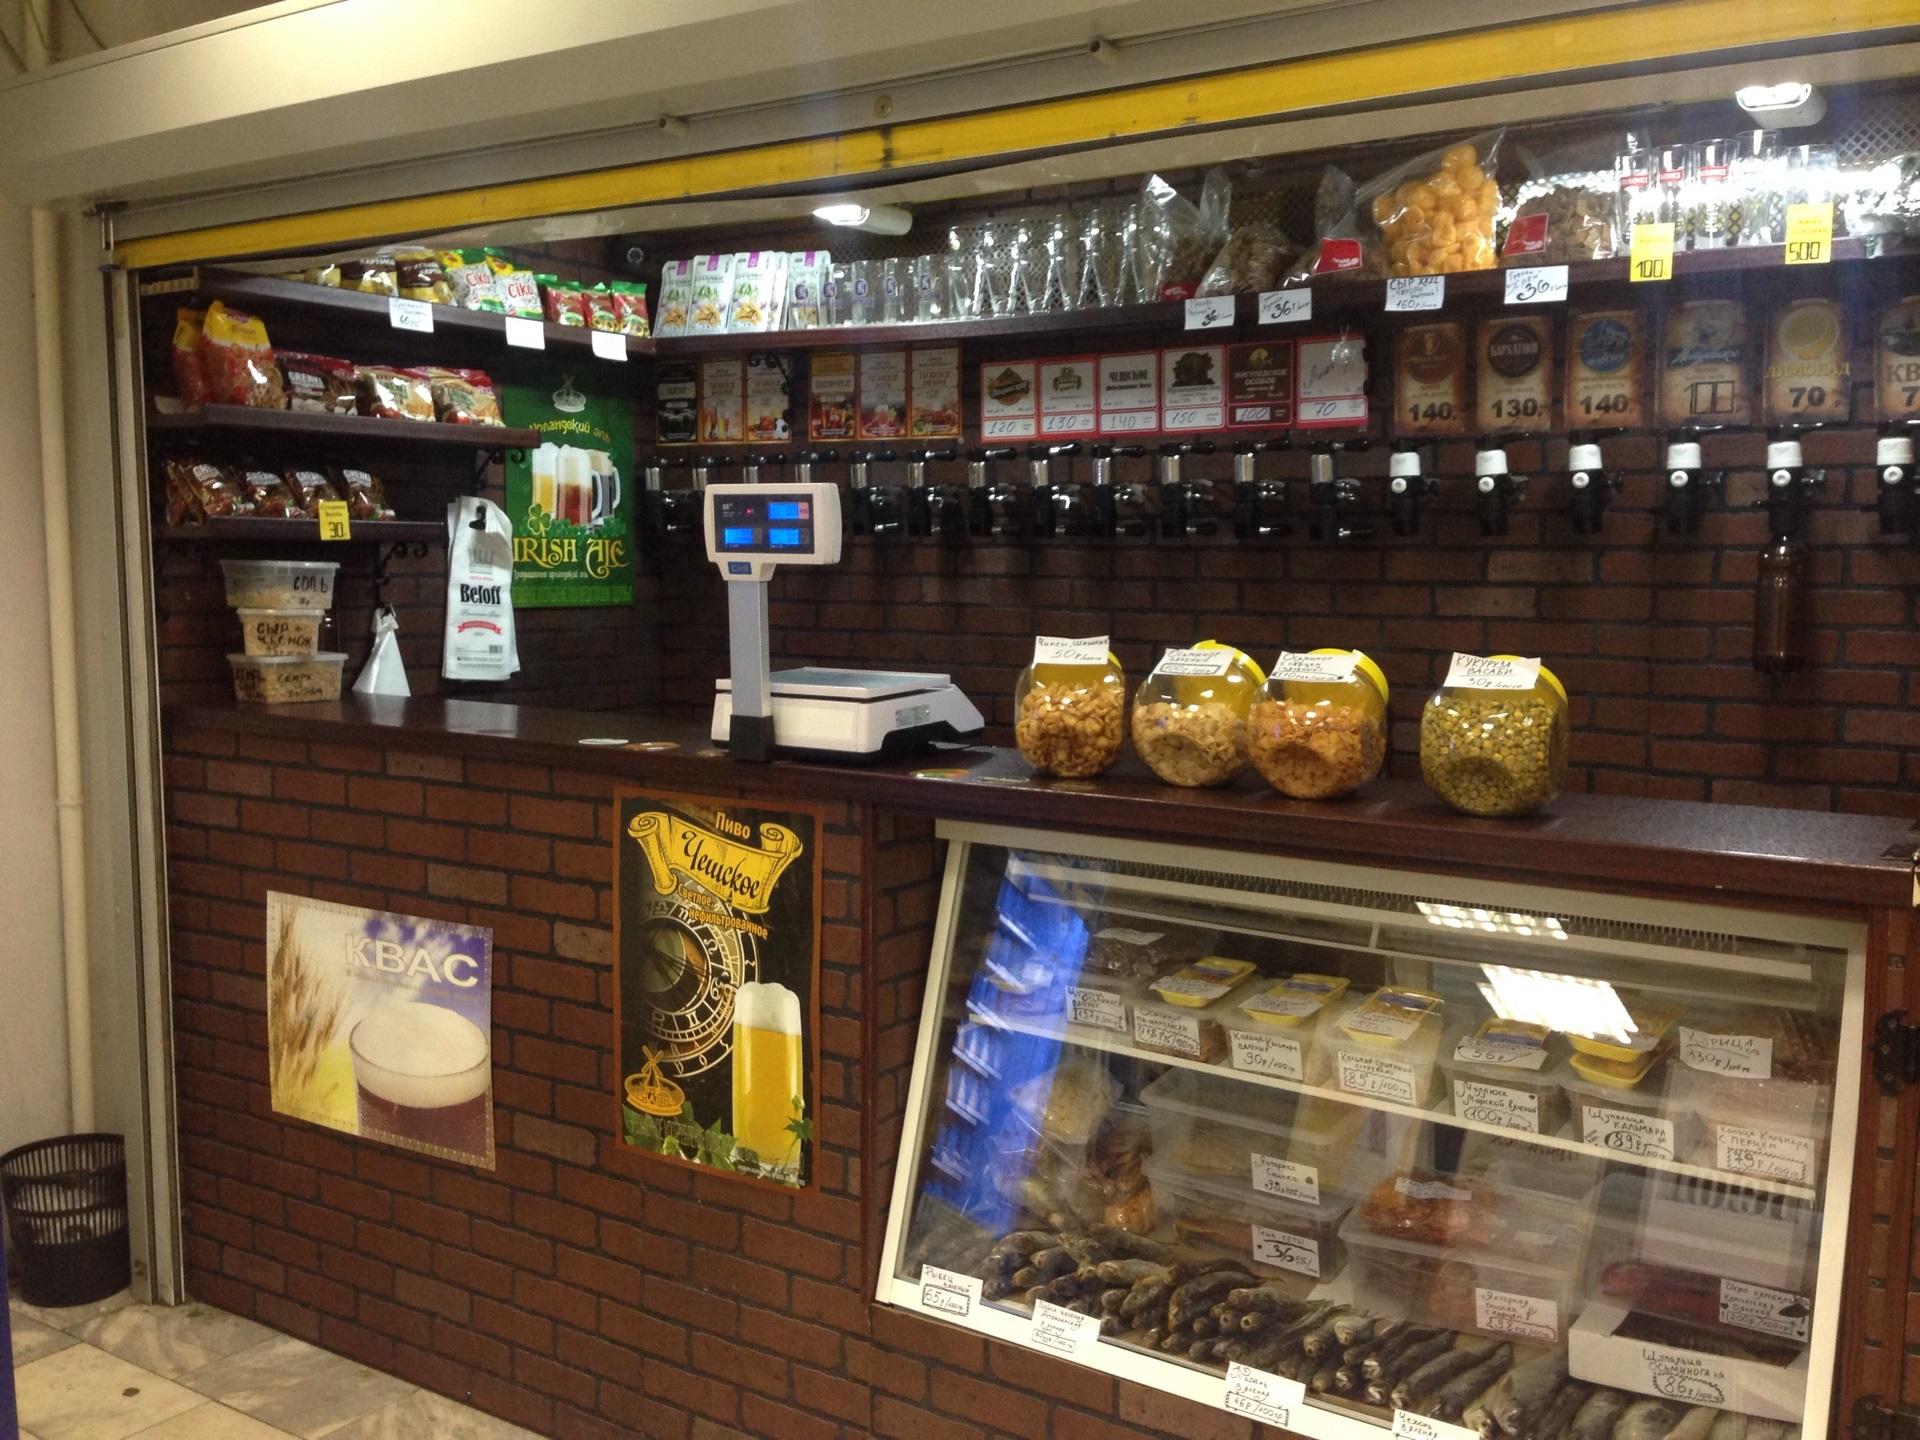 Идеи бизнеса продажа разливного пива частные объявления продажи квартир южноуральск